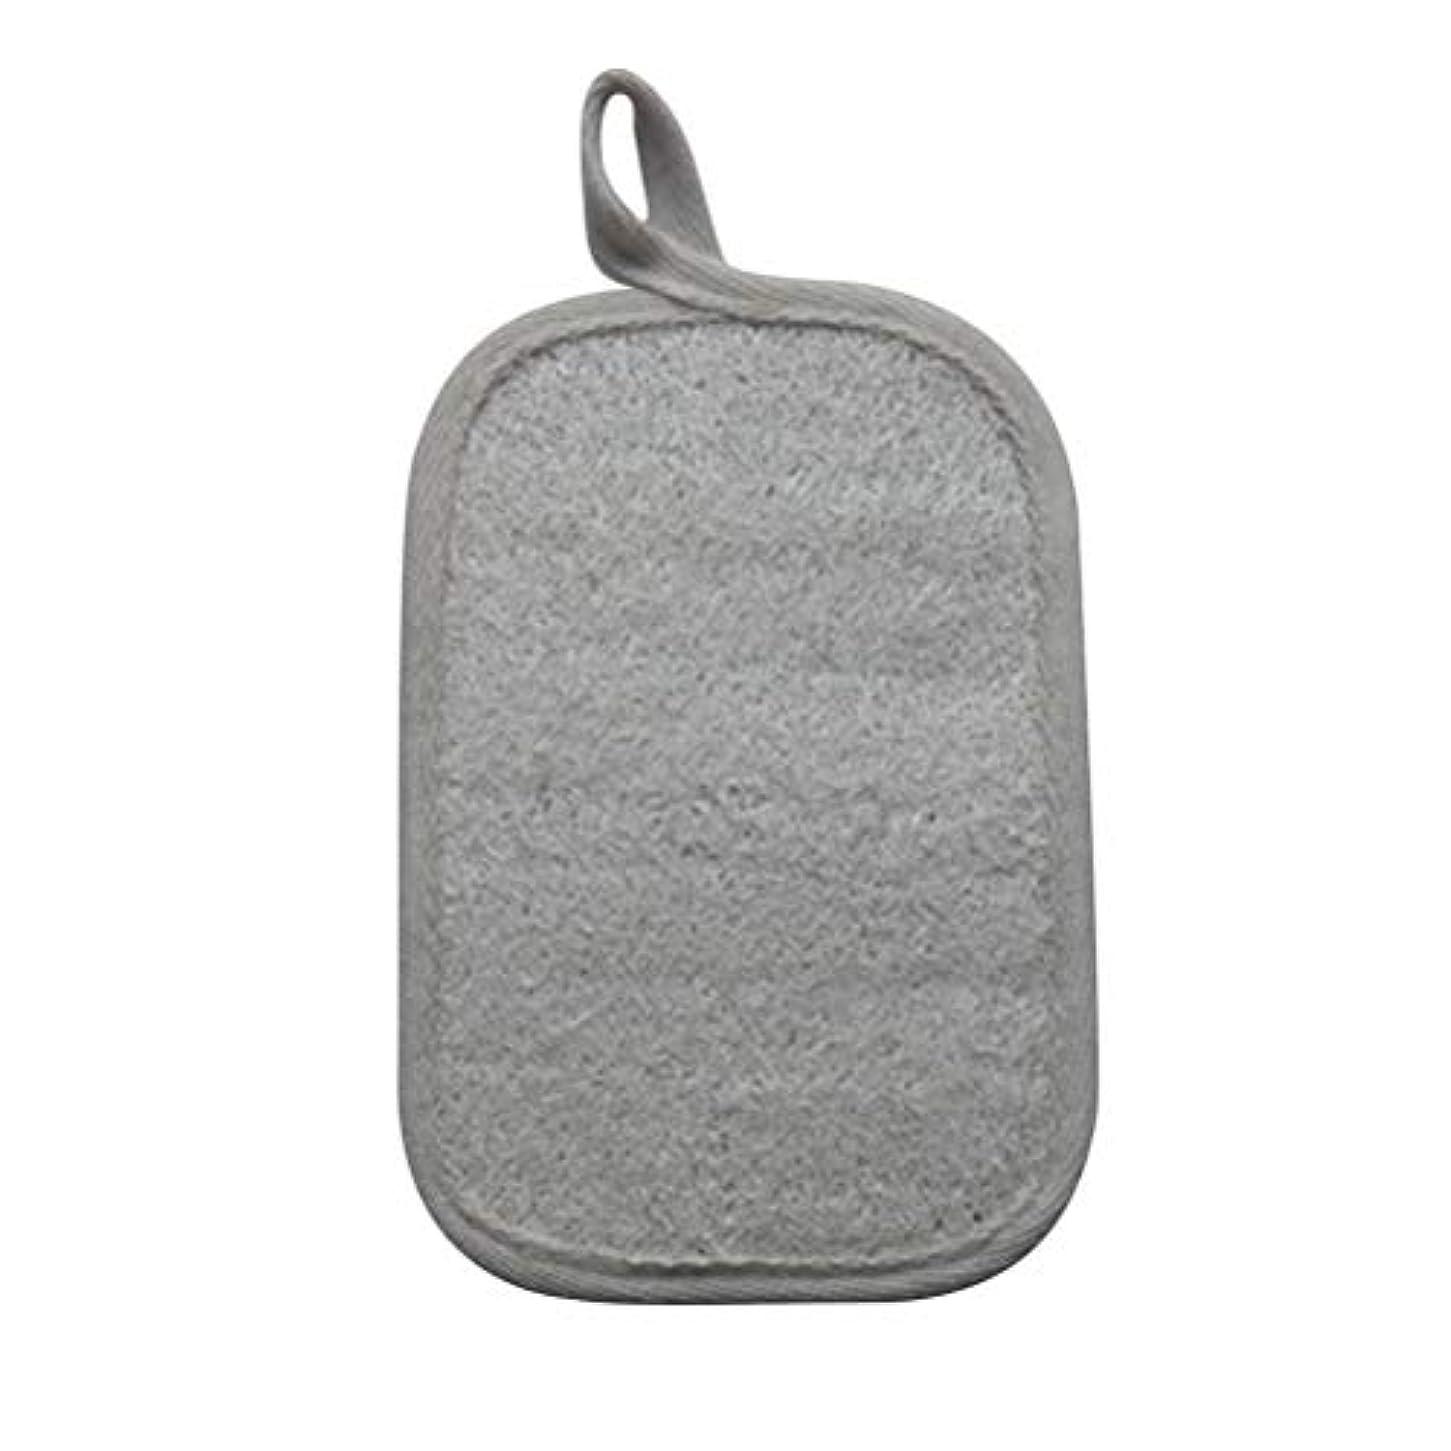 崩壊承認する高いHEALIFTY シャワーのための自然なLoofahのスポンジパッドの風呂の剥離Loofahのスポンジのスクラバー